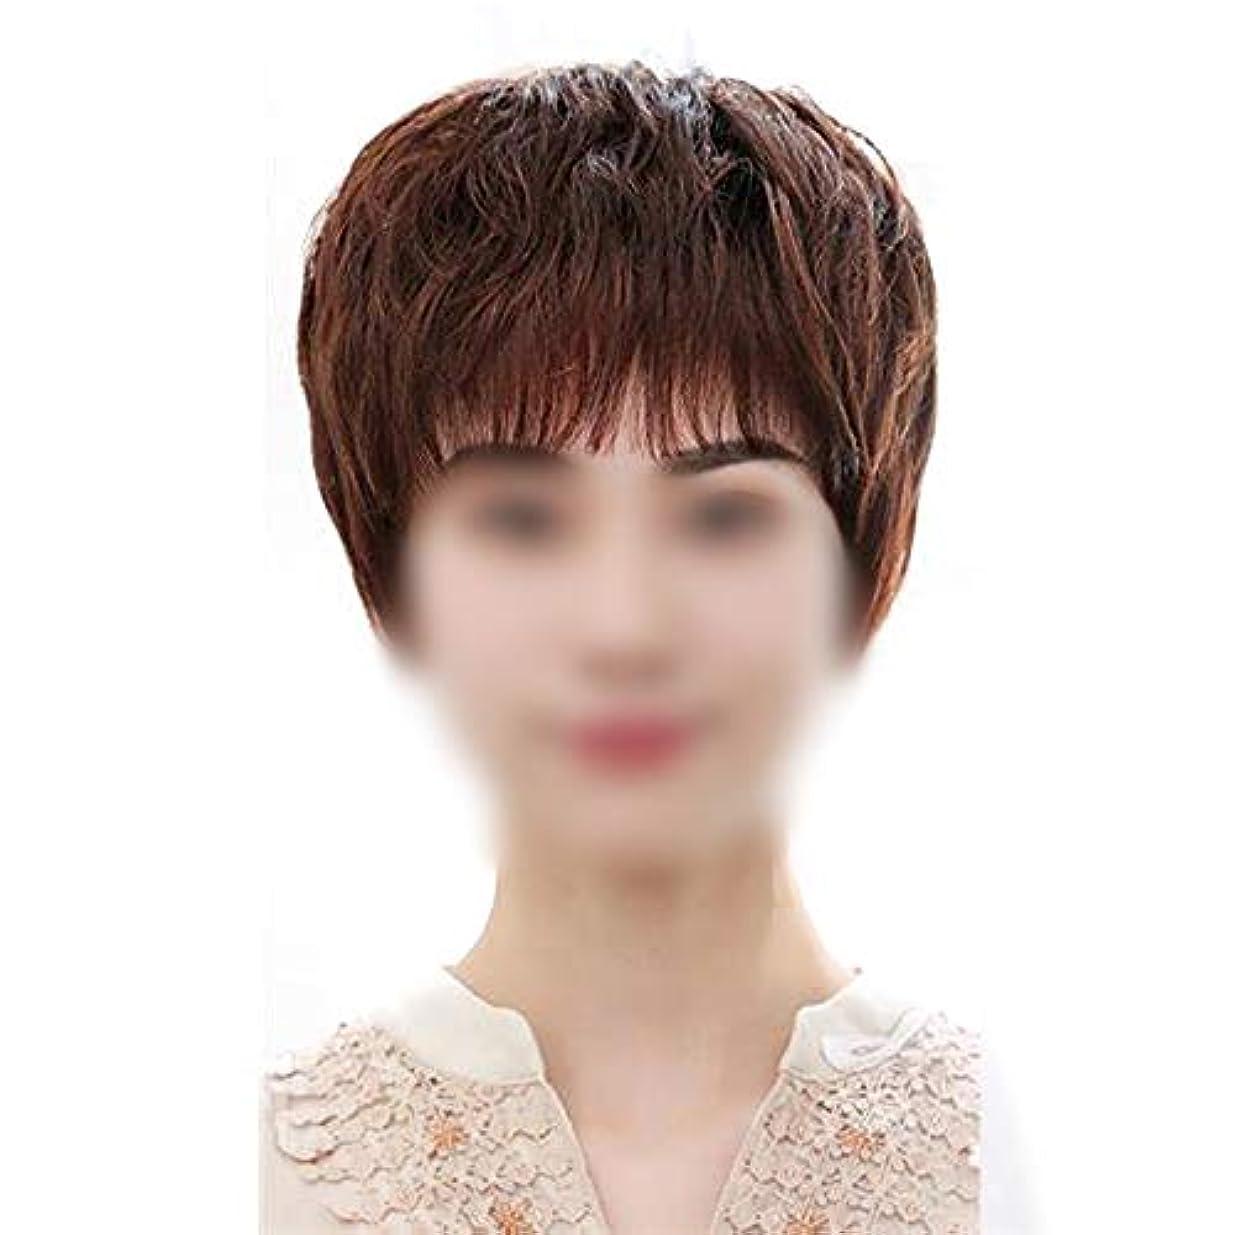 評判頑張る薄汚いYOUQIU 前髪のフル手織りファッション中年ウィッグウィッグでヒトの毛髪の女子ショートカーリーヘアのフル (色 : Dark brown)